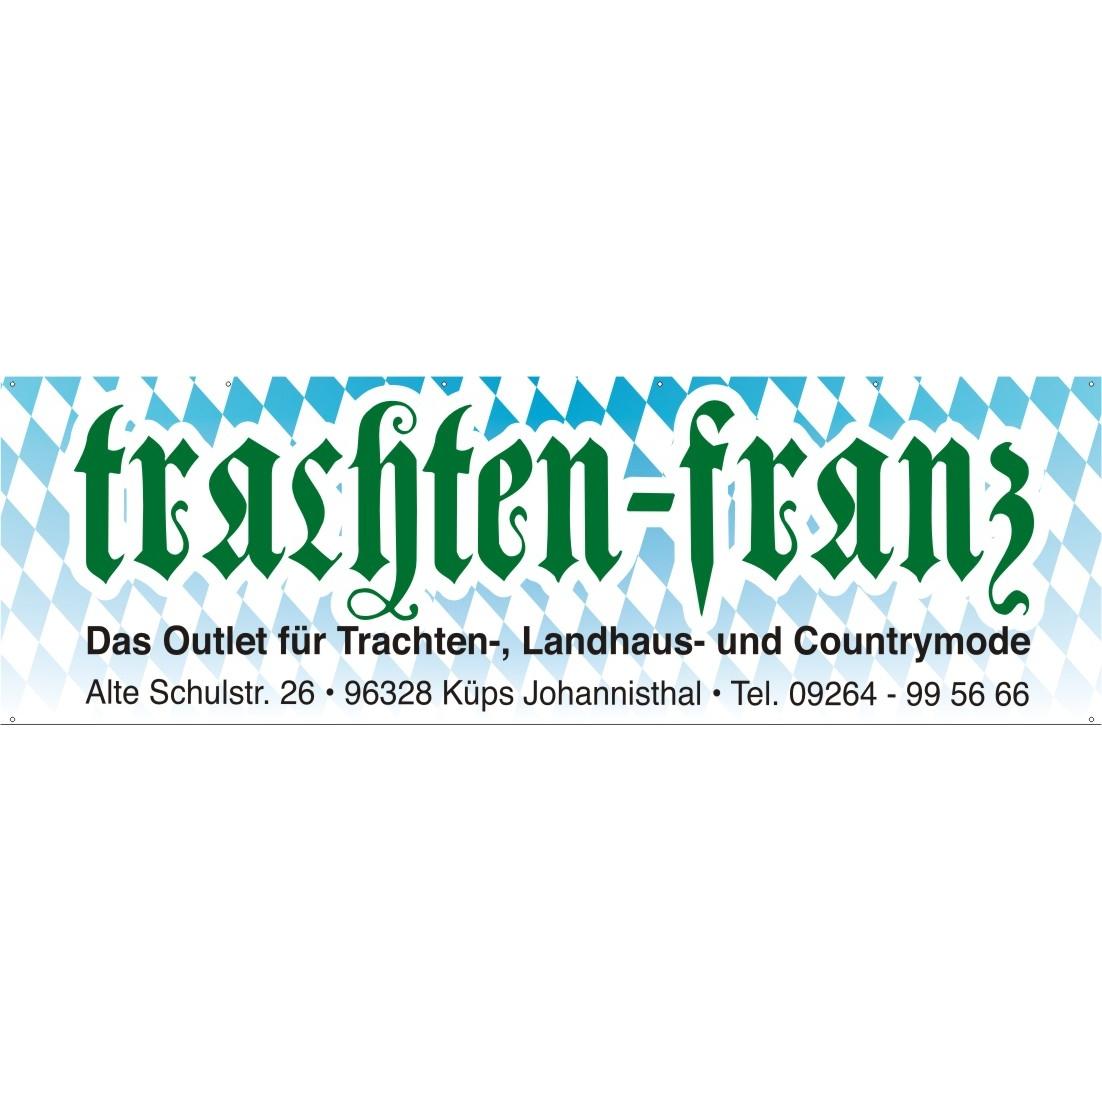 Franz Büttner Trachten-Franz